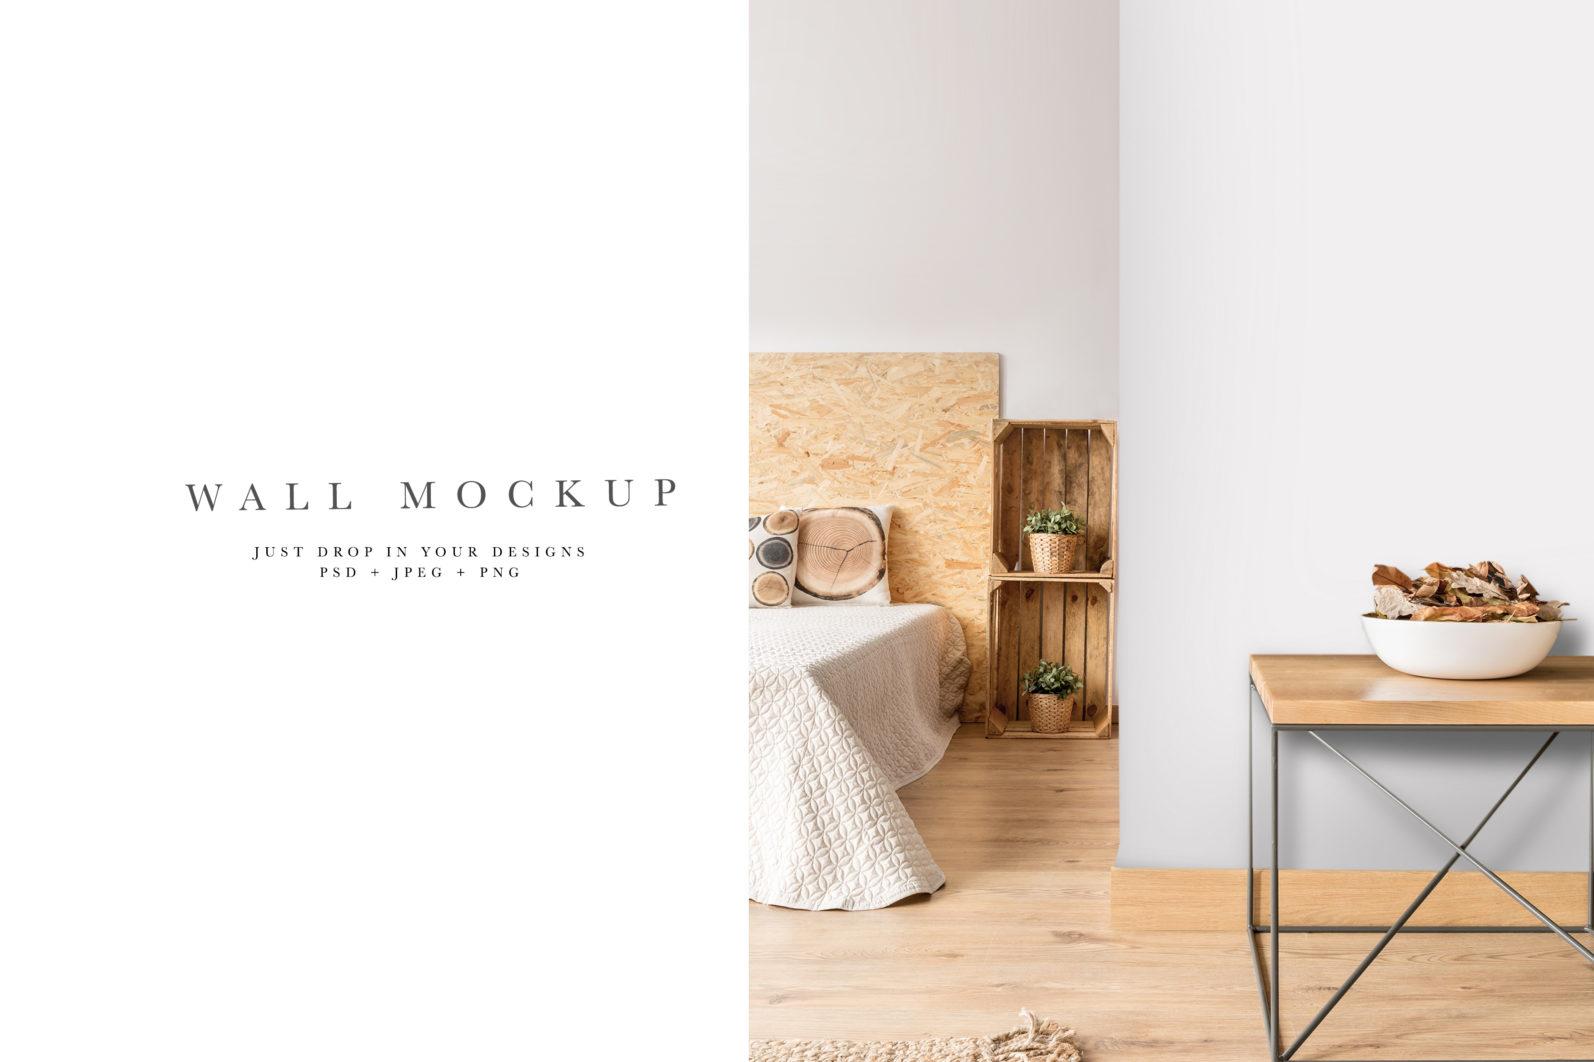 Wall Mockup #33, Wallpaper mockup, Interior mockup, Living Room interior mockup - Wall 33 PREVIEW 4 scaled -